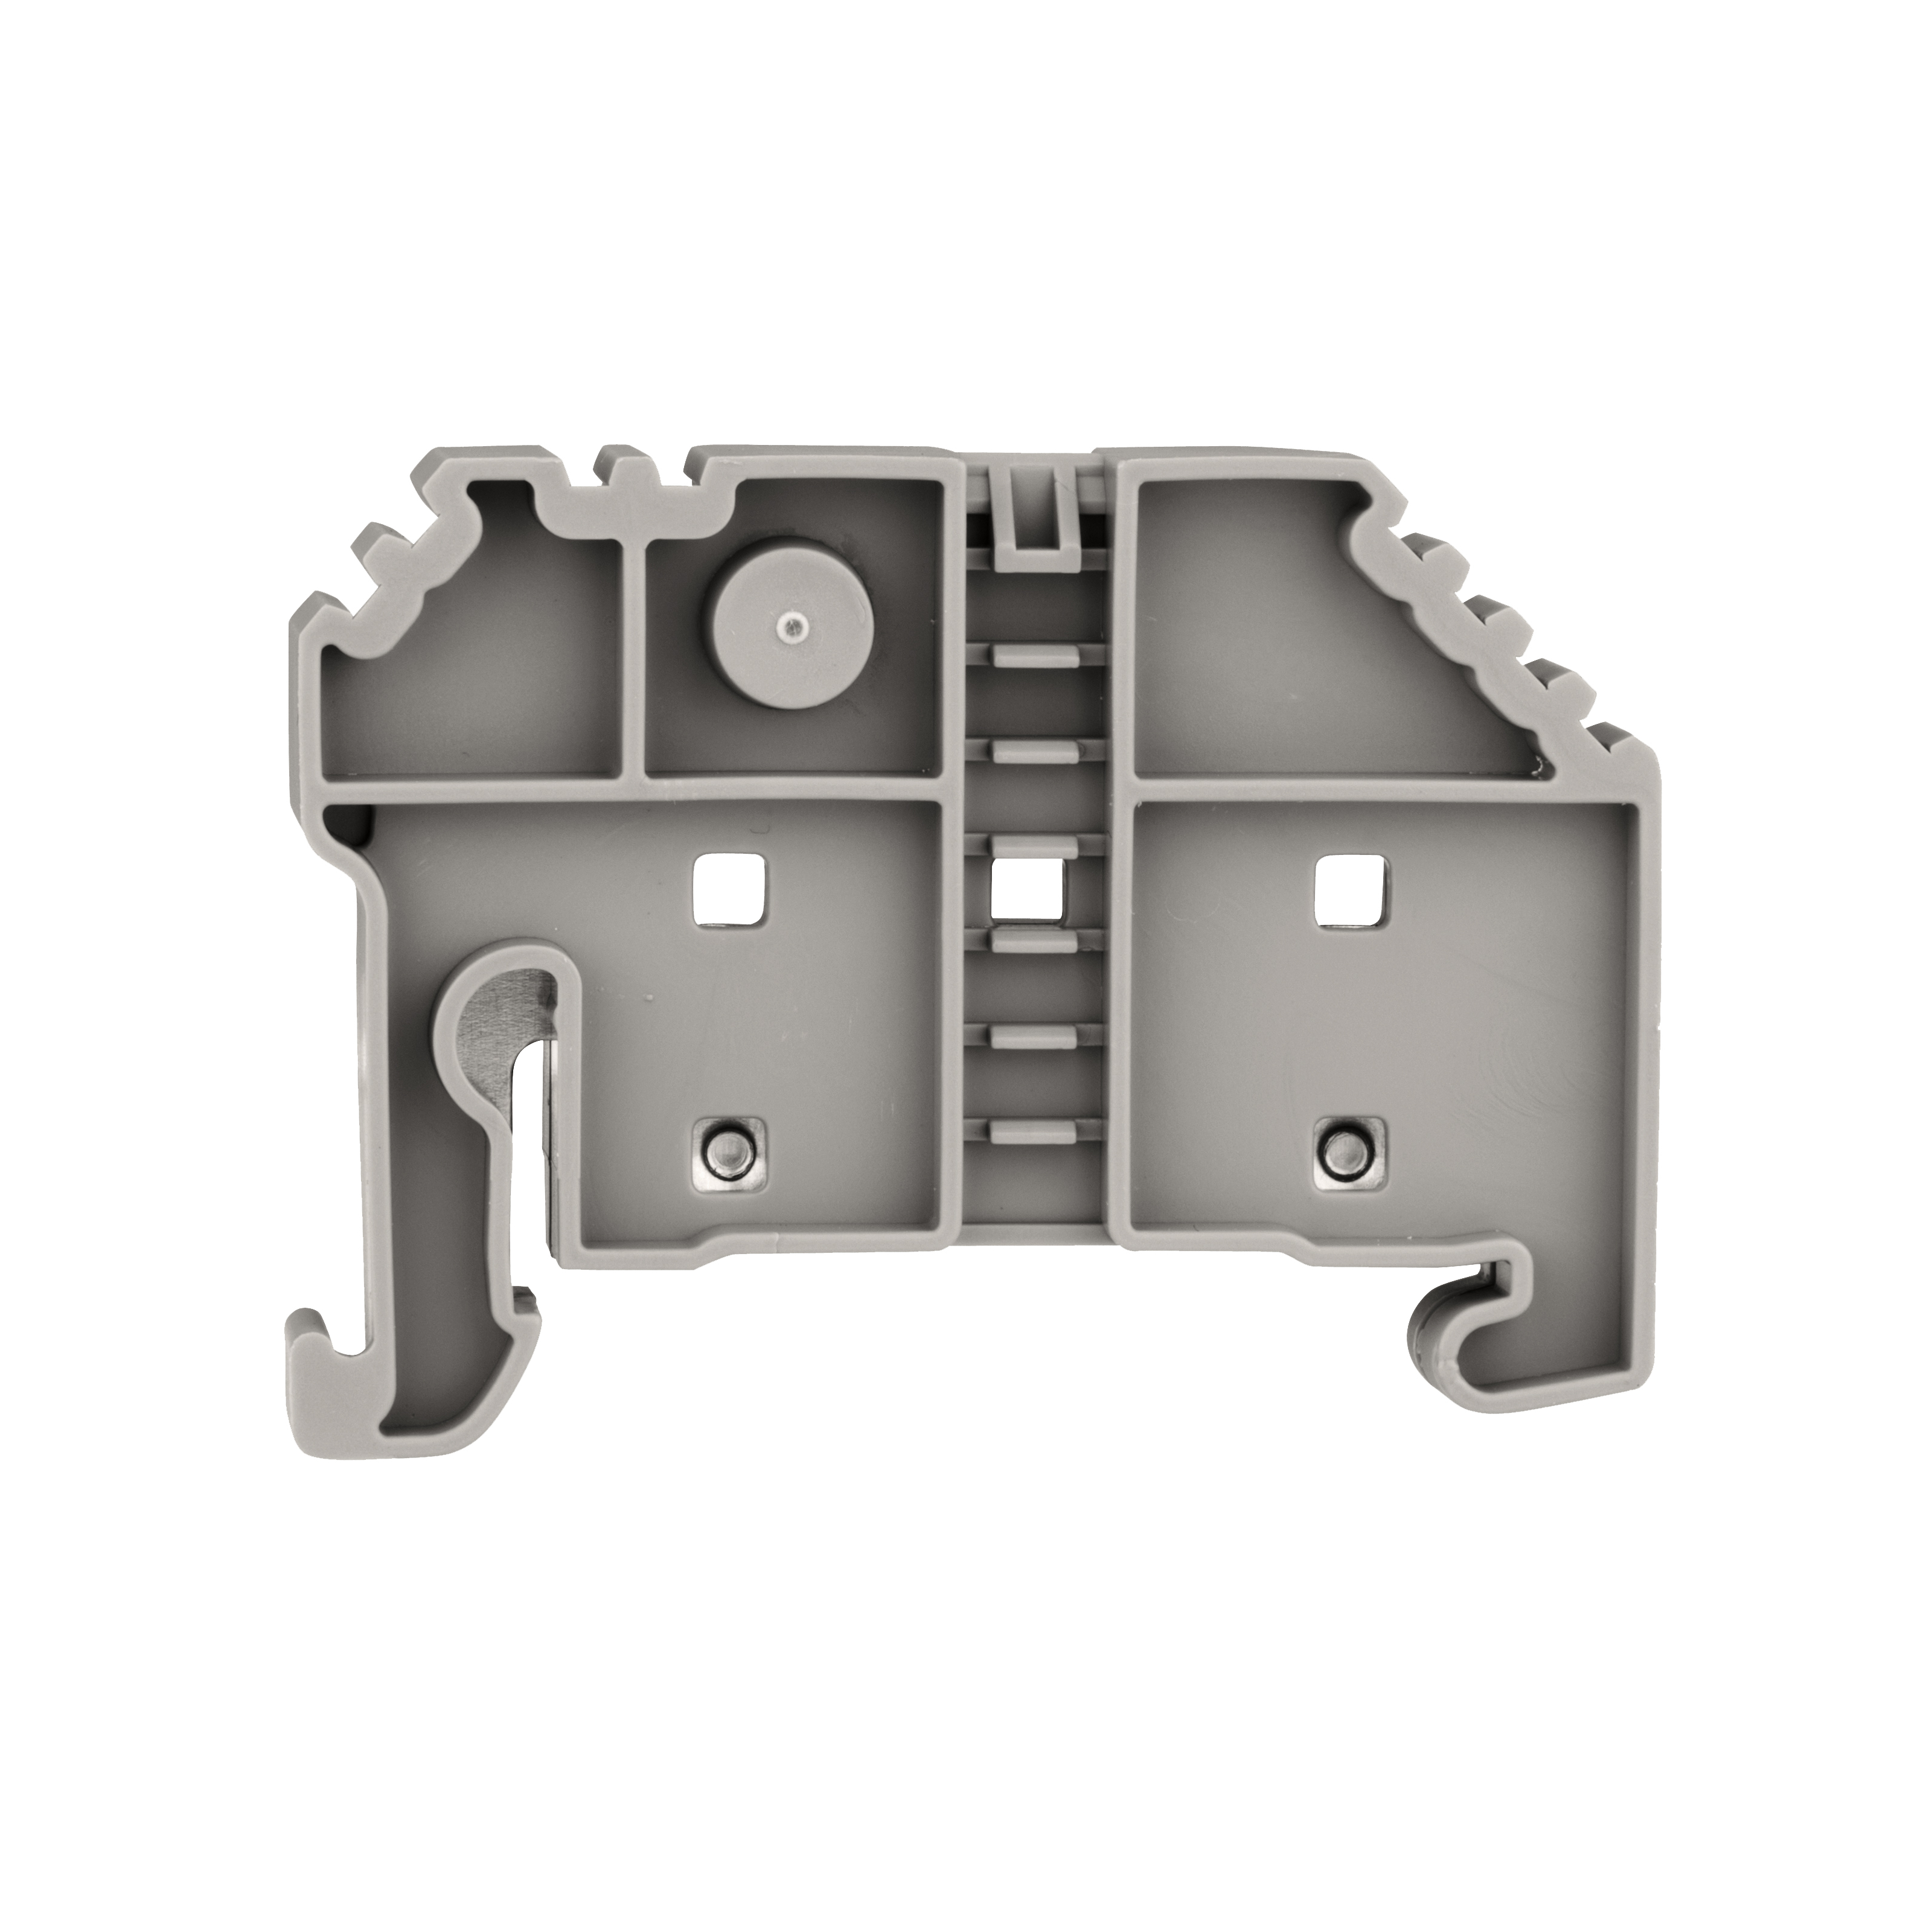 1 Stk Endhalter für IK6-Klemmen, Type KD 4, schnappbar IK623002--